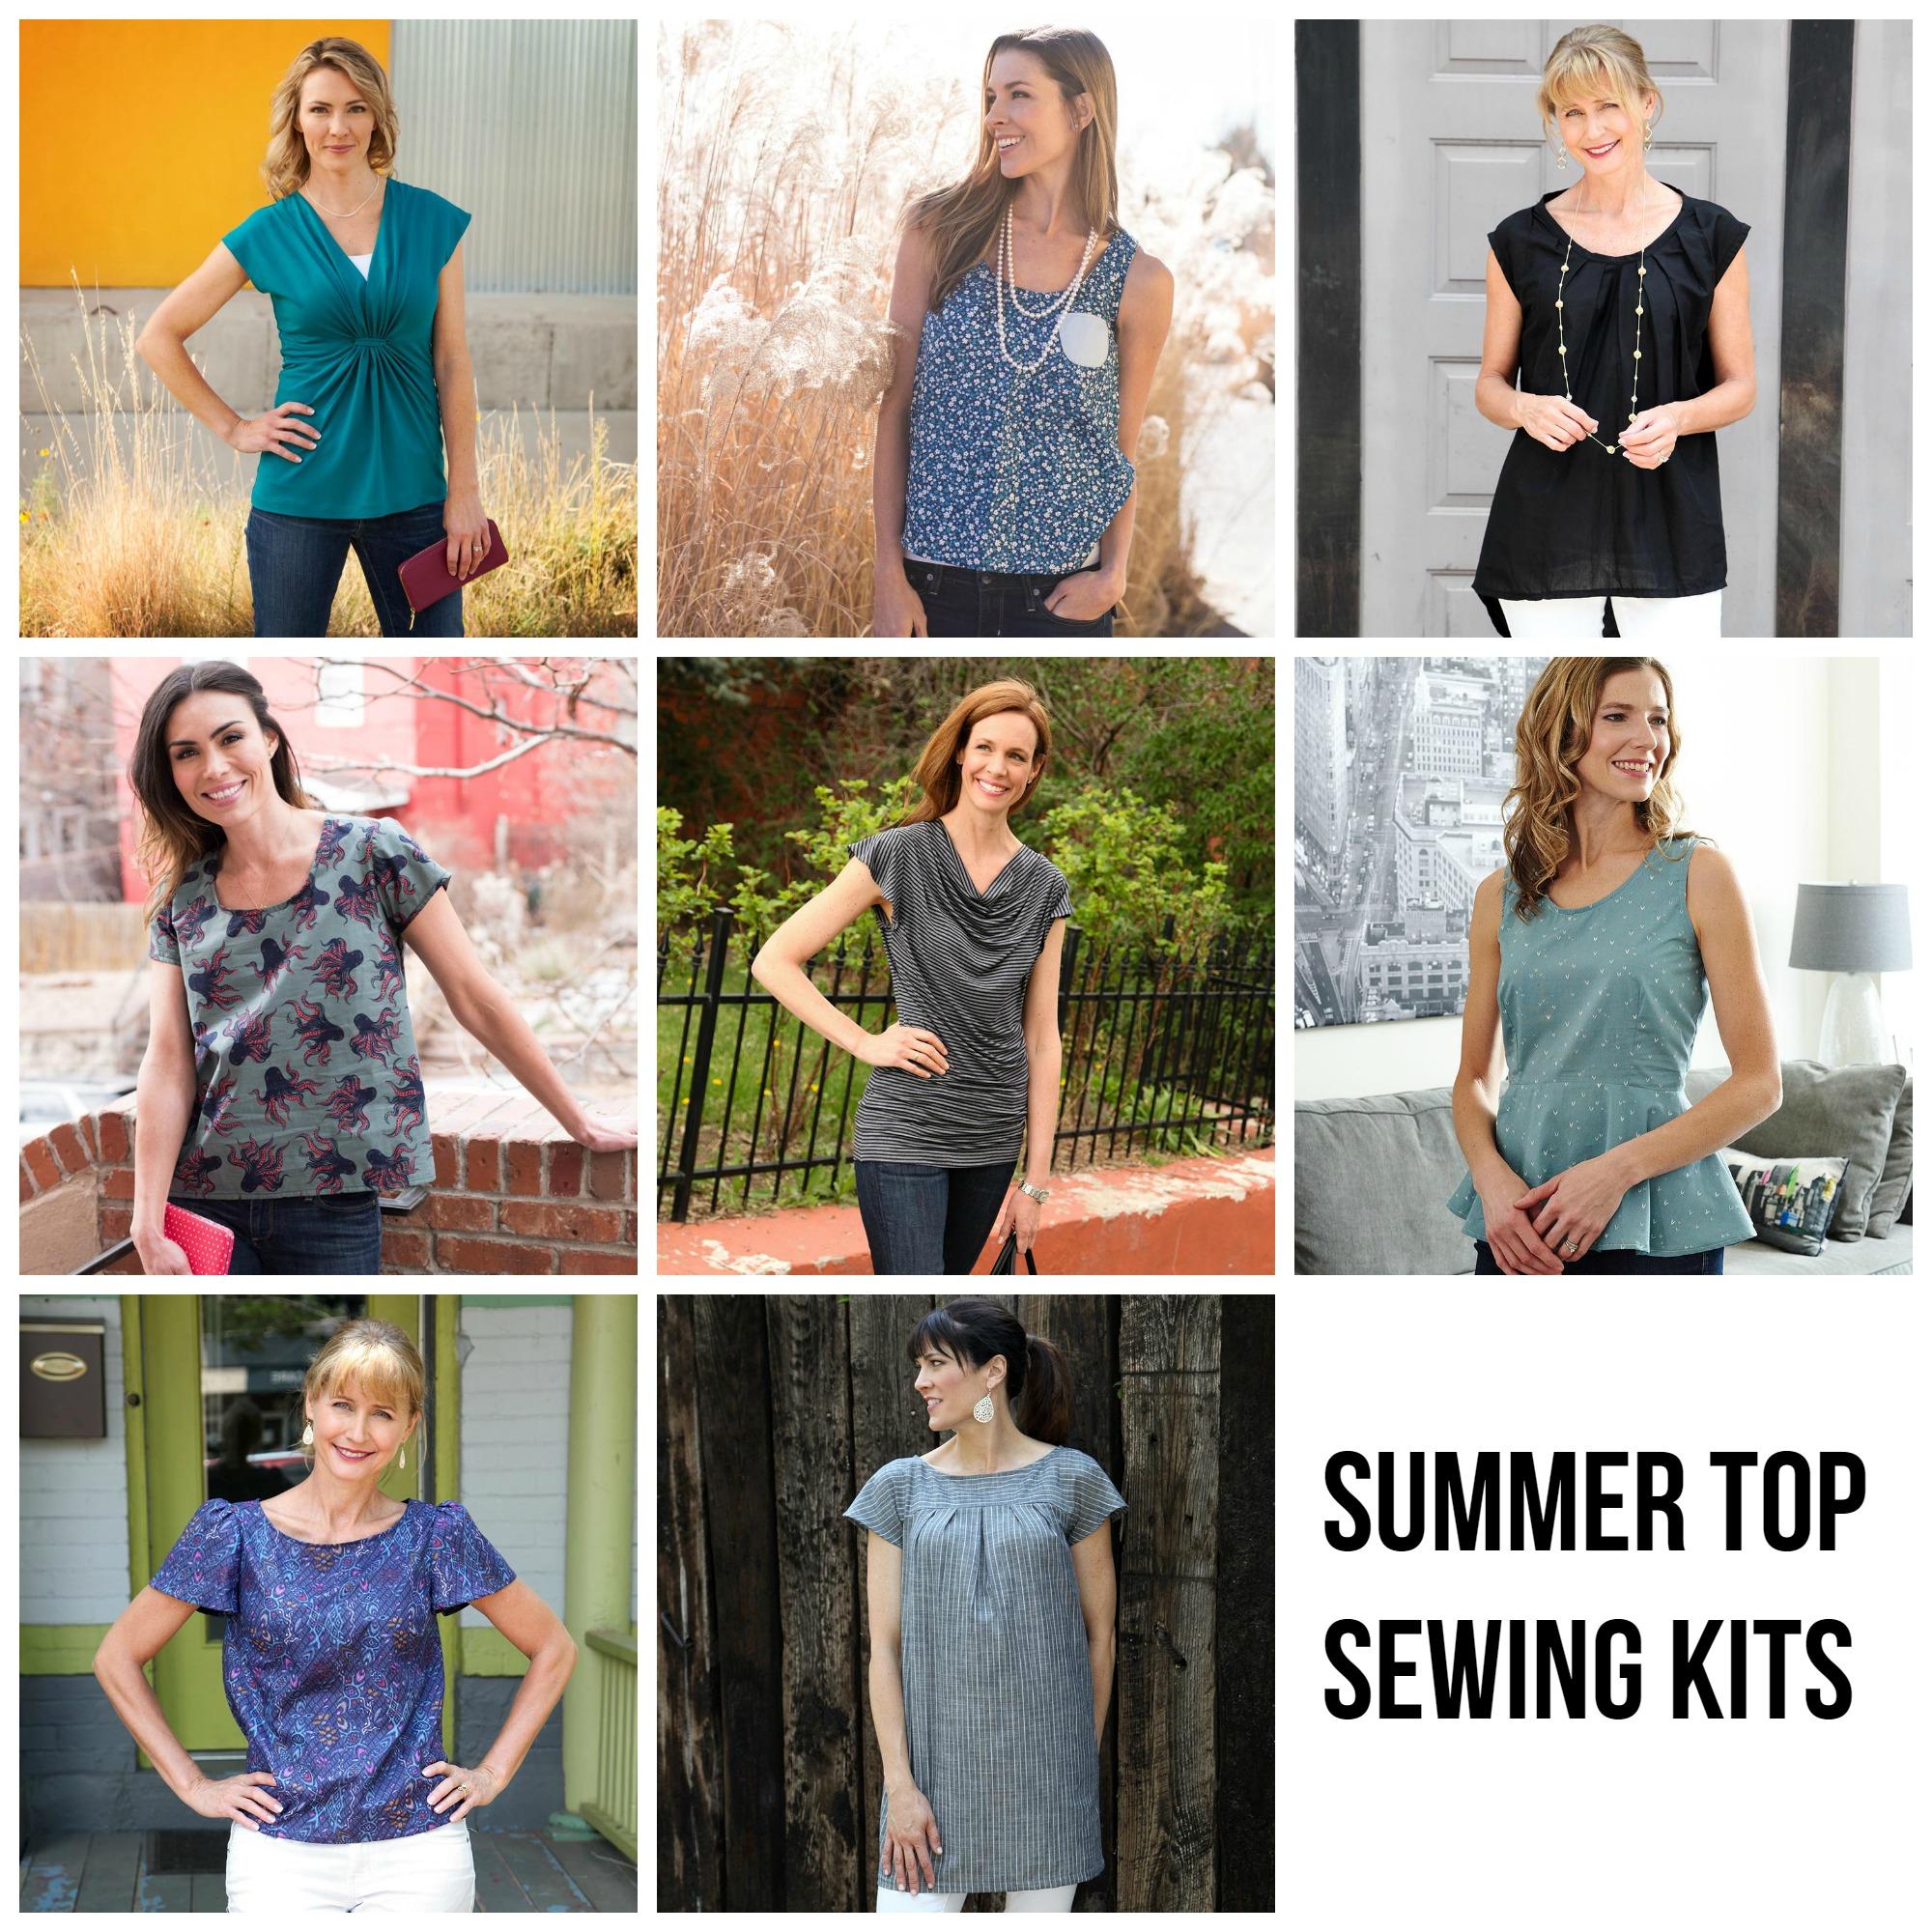 Summer Top Sewing Kits